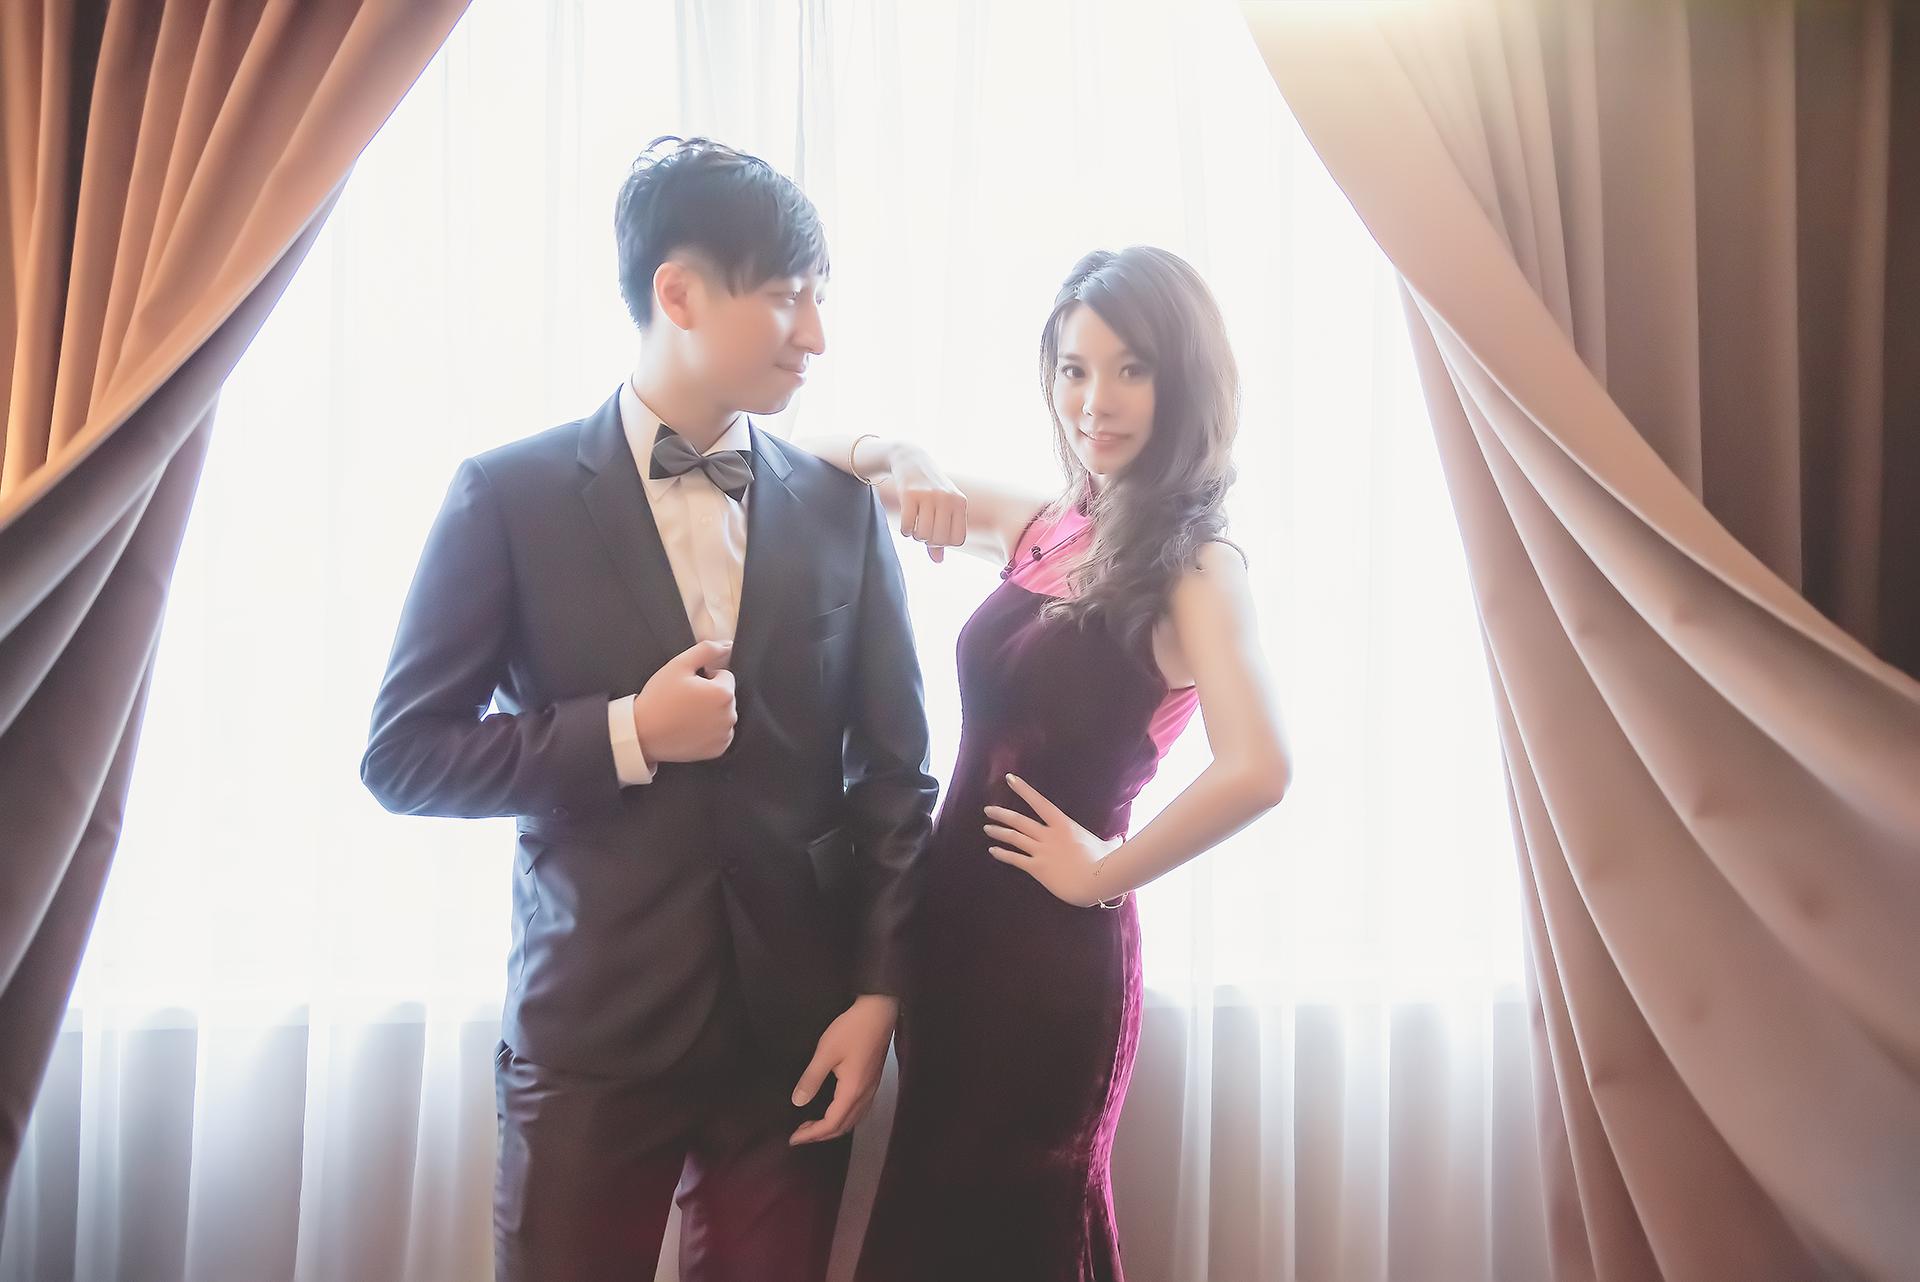 台北凱薩飯店,婚禮紀錄,婚攝